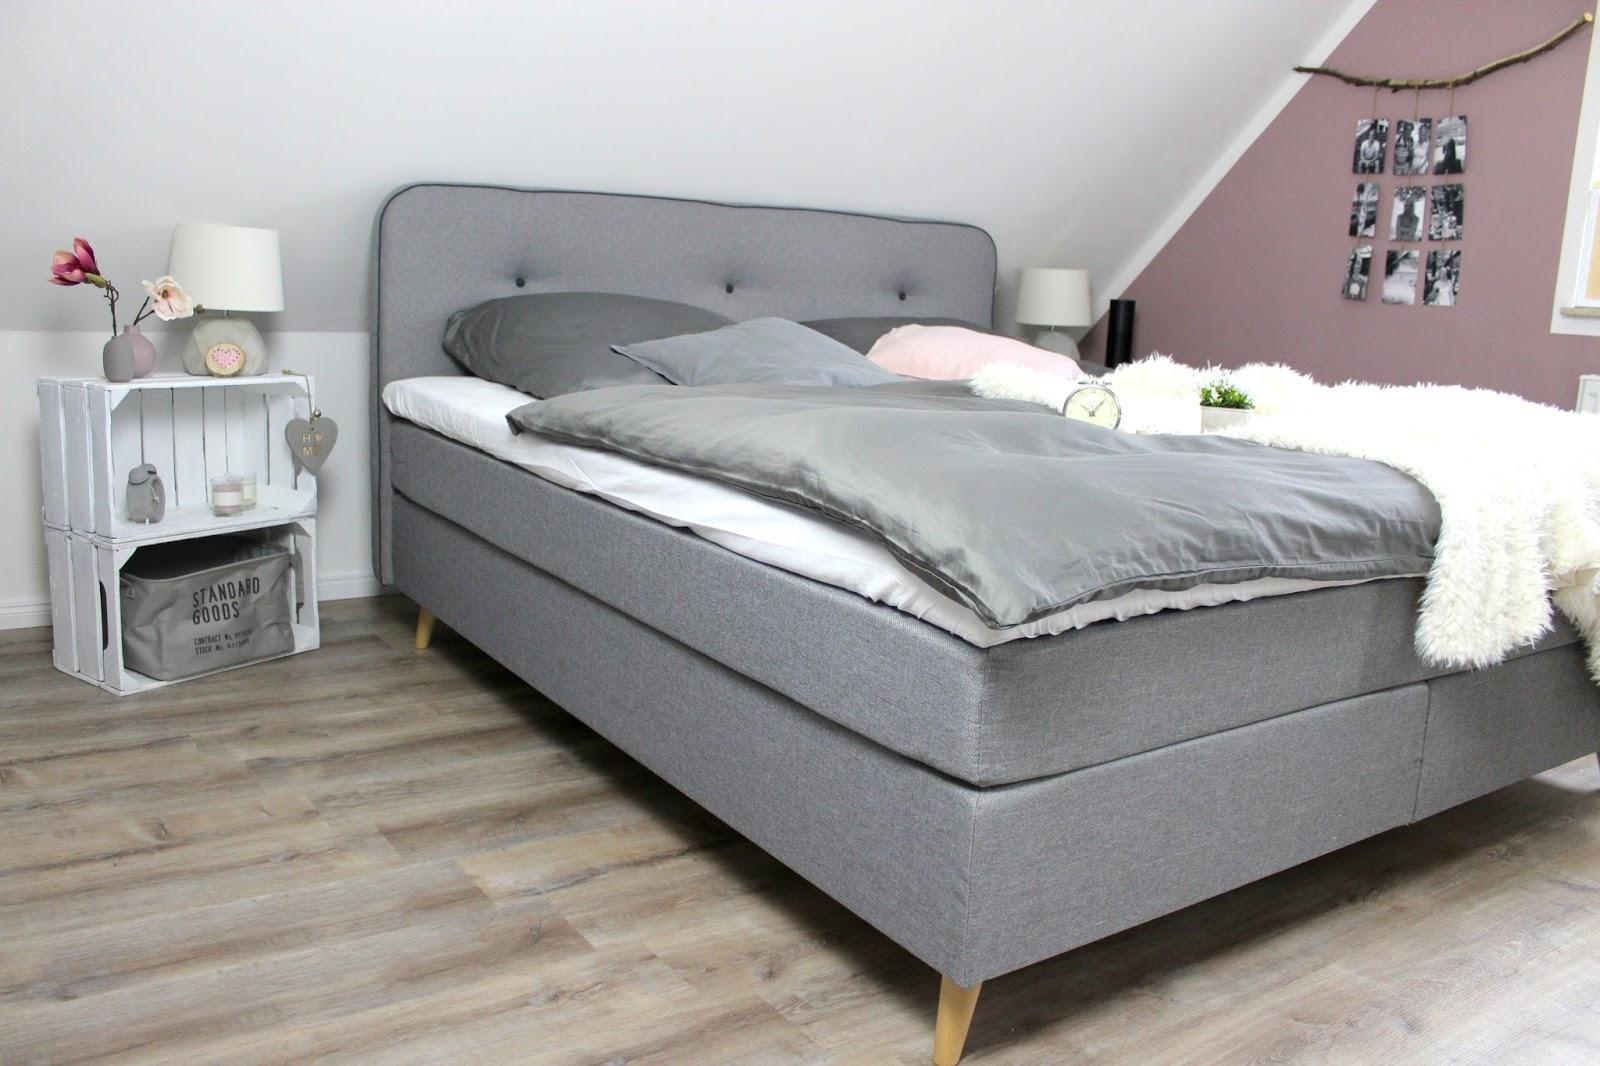 Diy Schlafzimmer Make Over Vorher Nachher Mit Tollen Diy Und